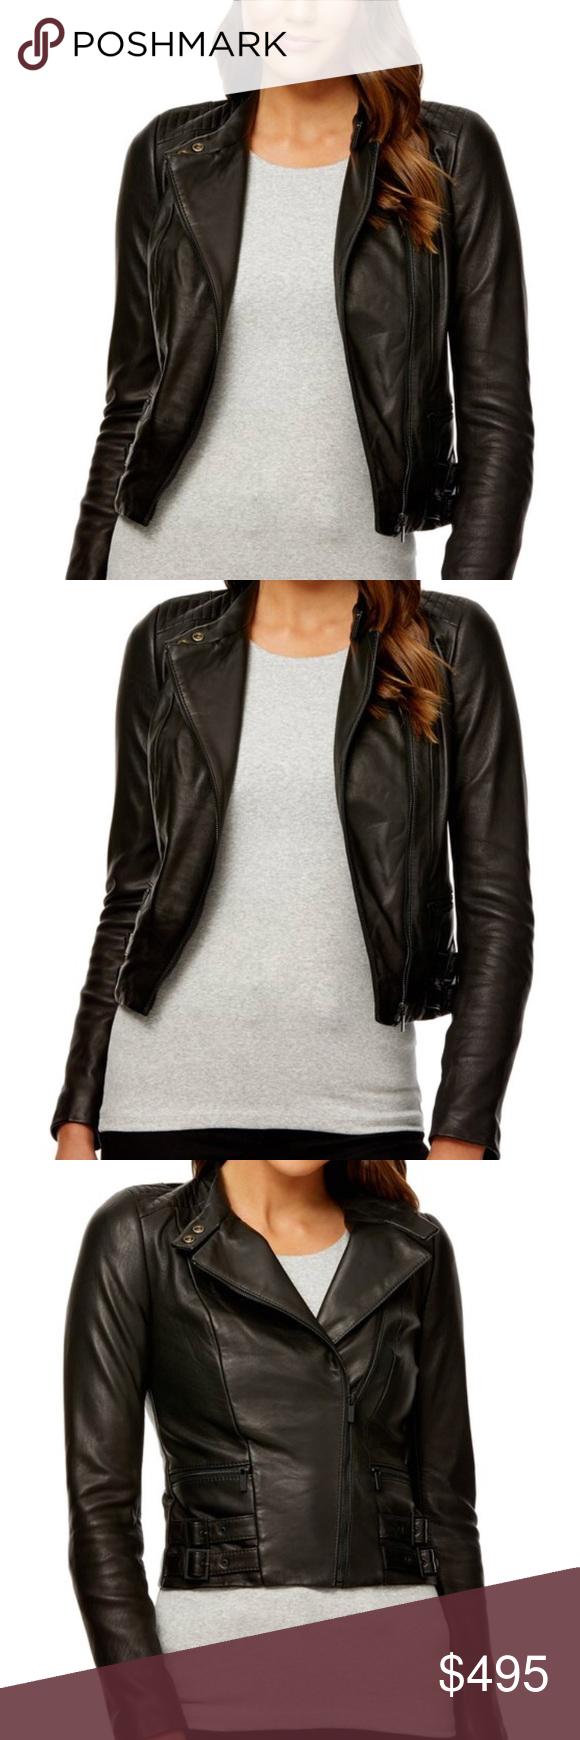 de60b00267 Kookai Ramone Leather Jacket Brand is Kookai